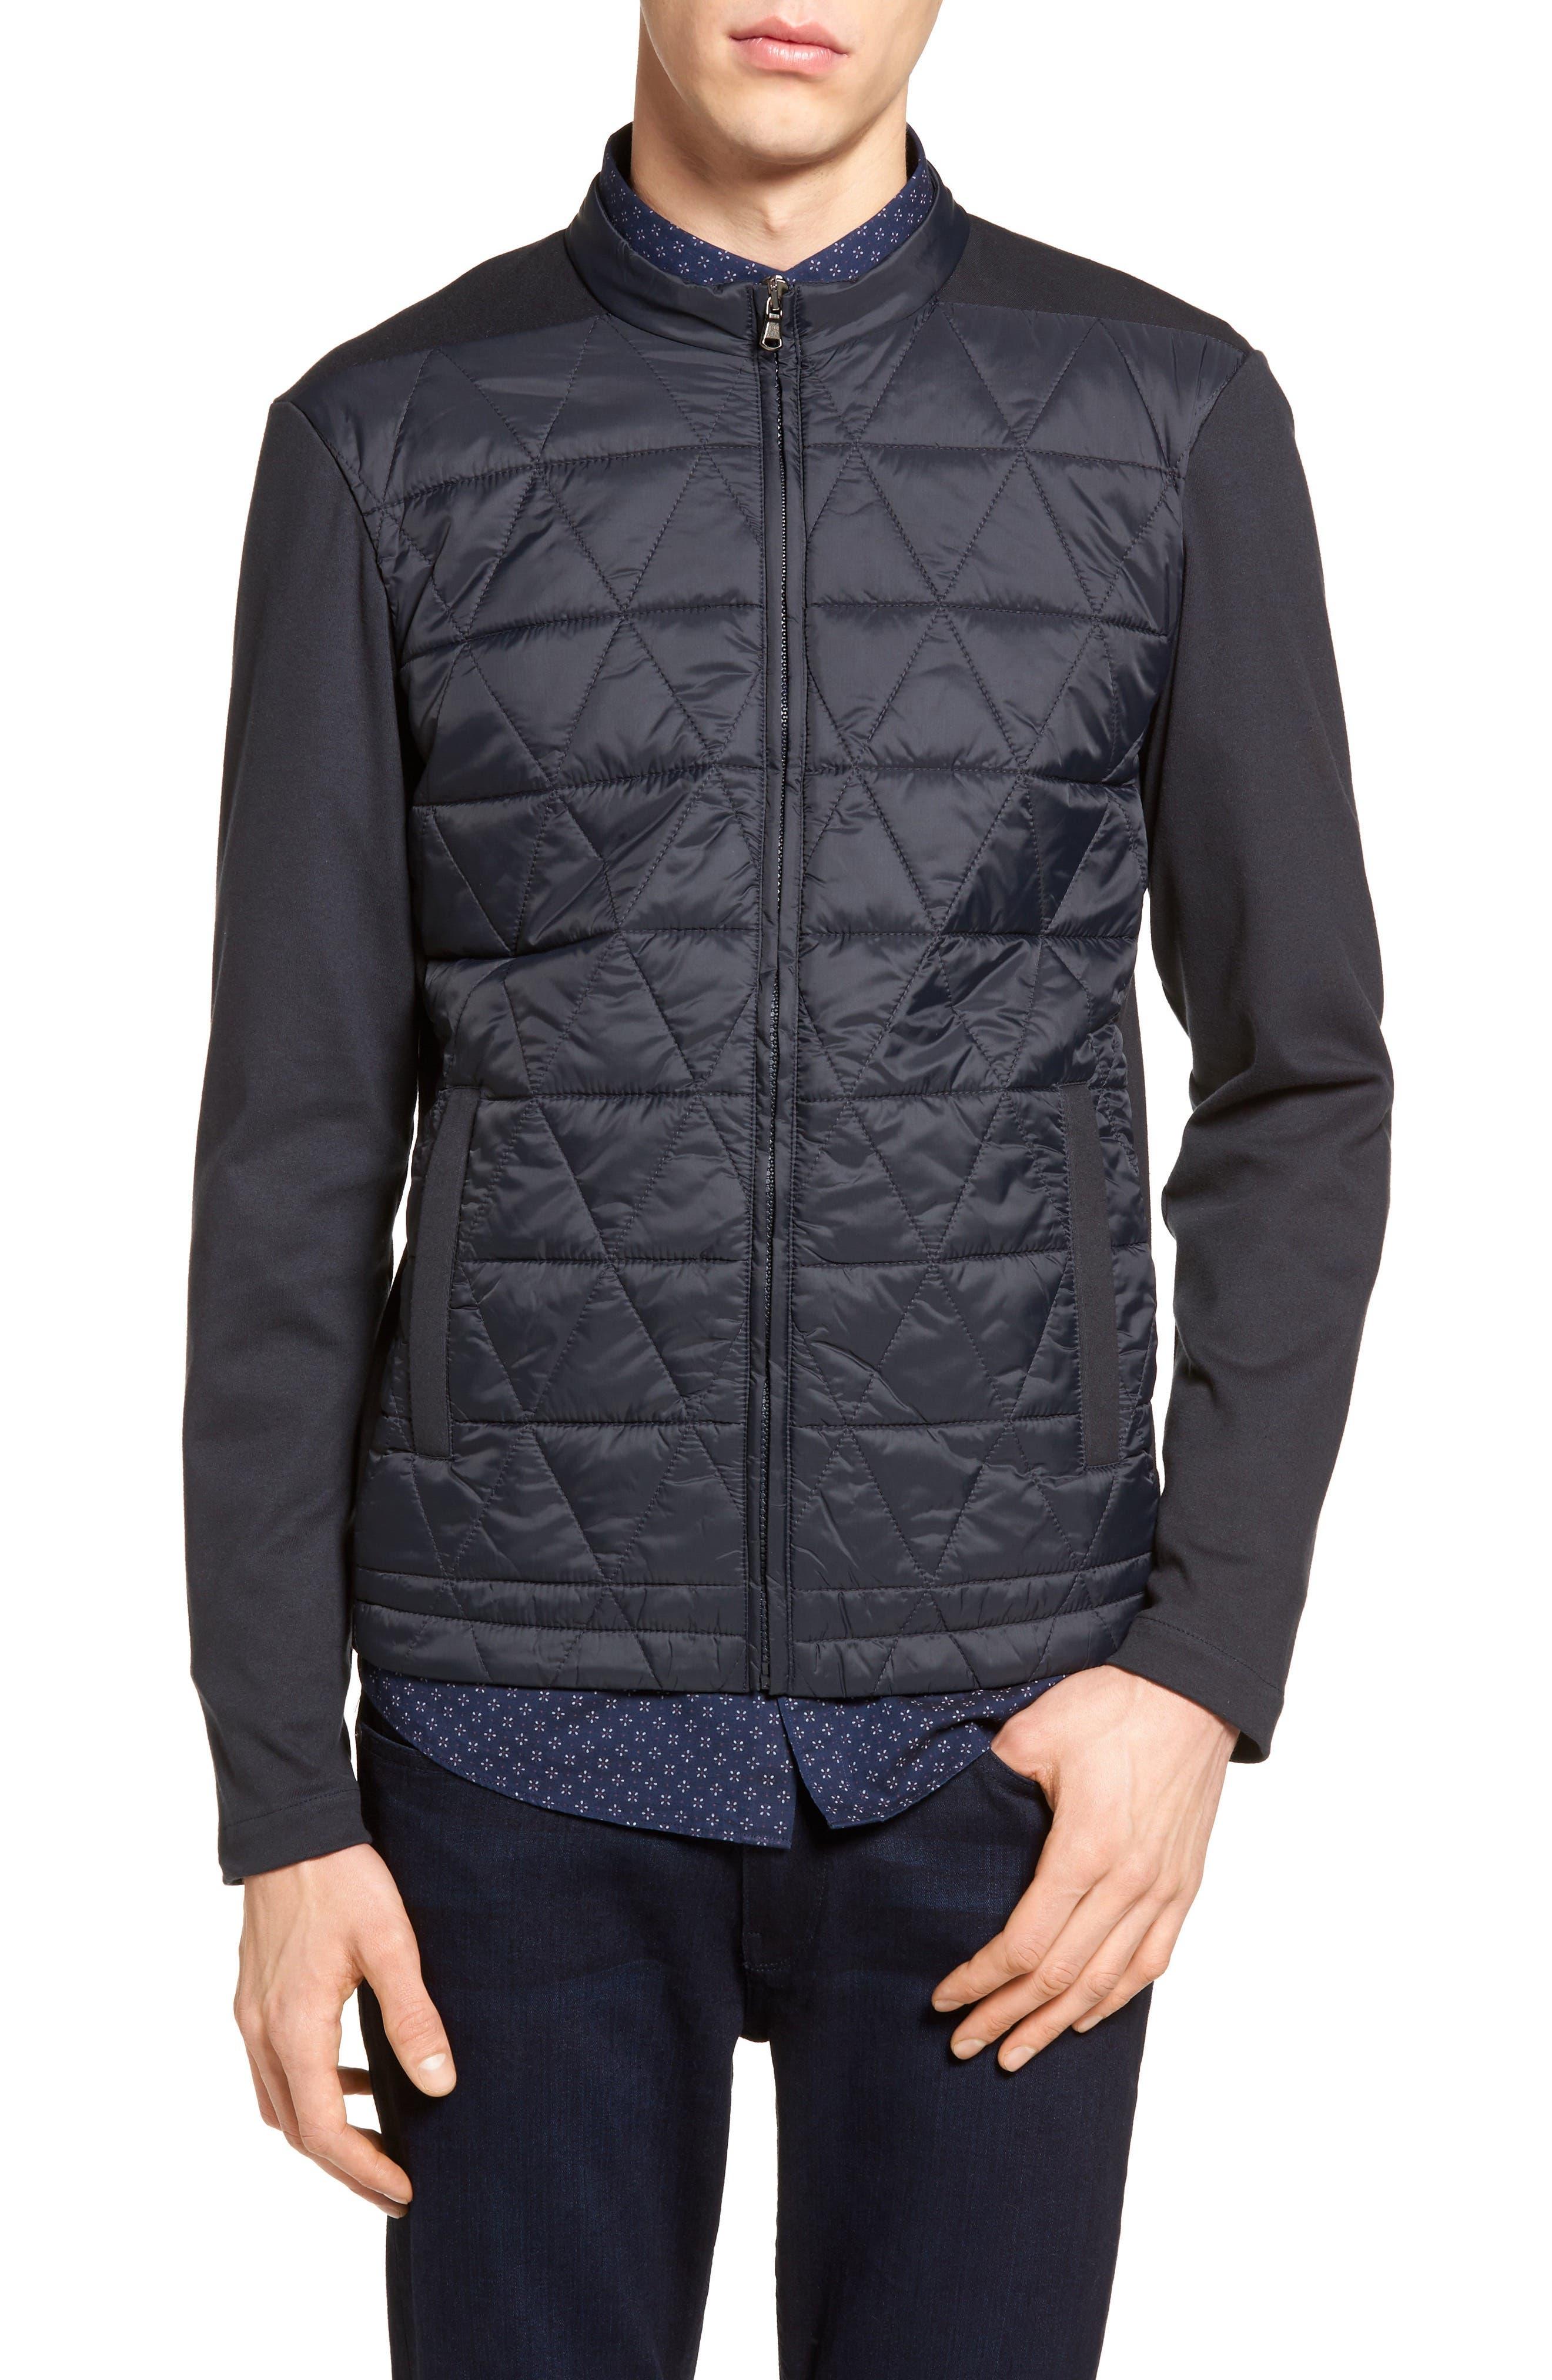 ZACHARY PRELL Rampart Mixed Media Jacket, Main, color, NAVY